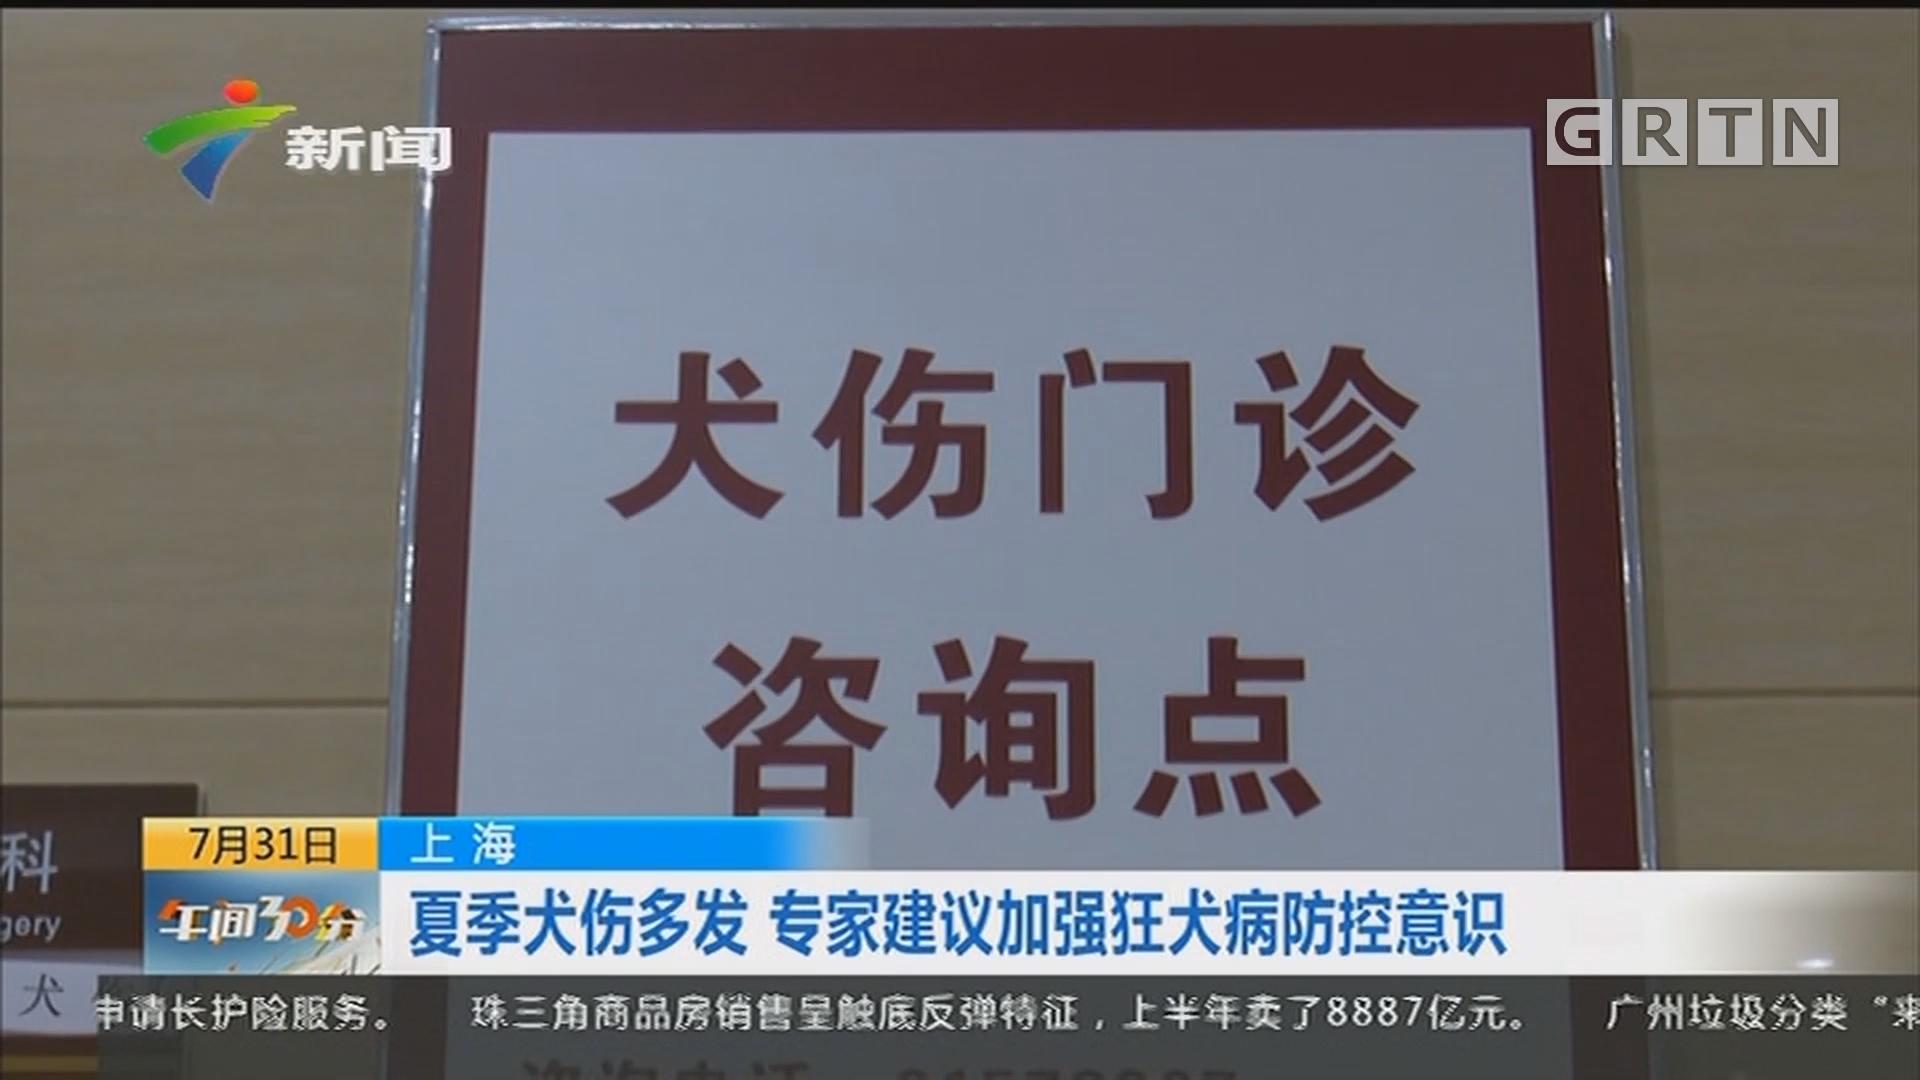 上海:夏季犬伤多发 专家建议加强狂犬病防控意识